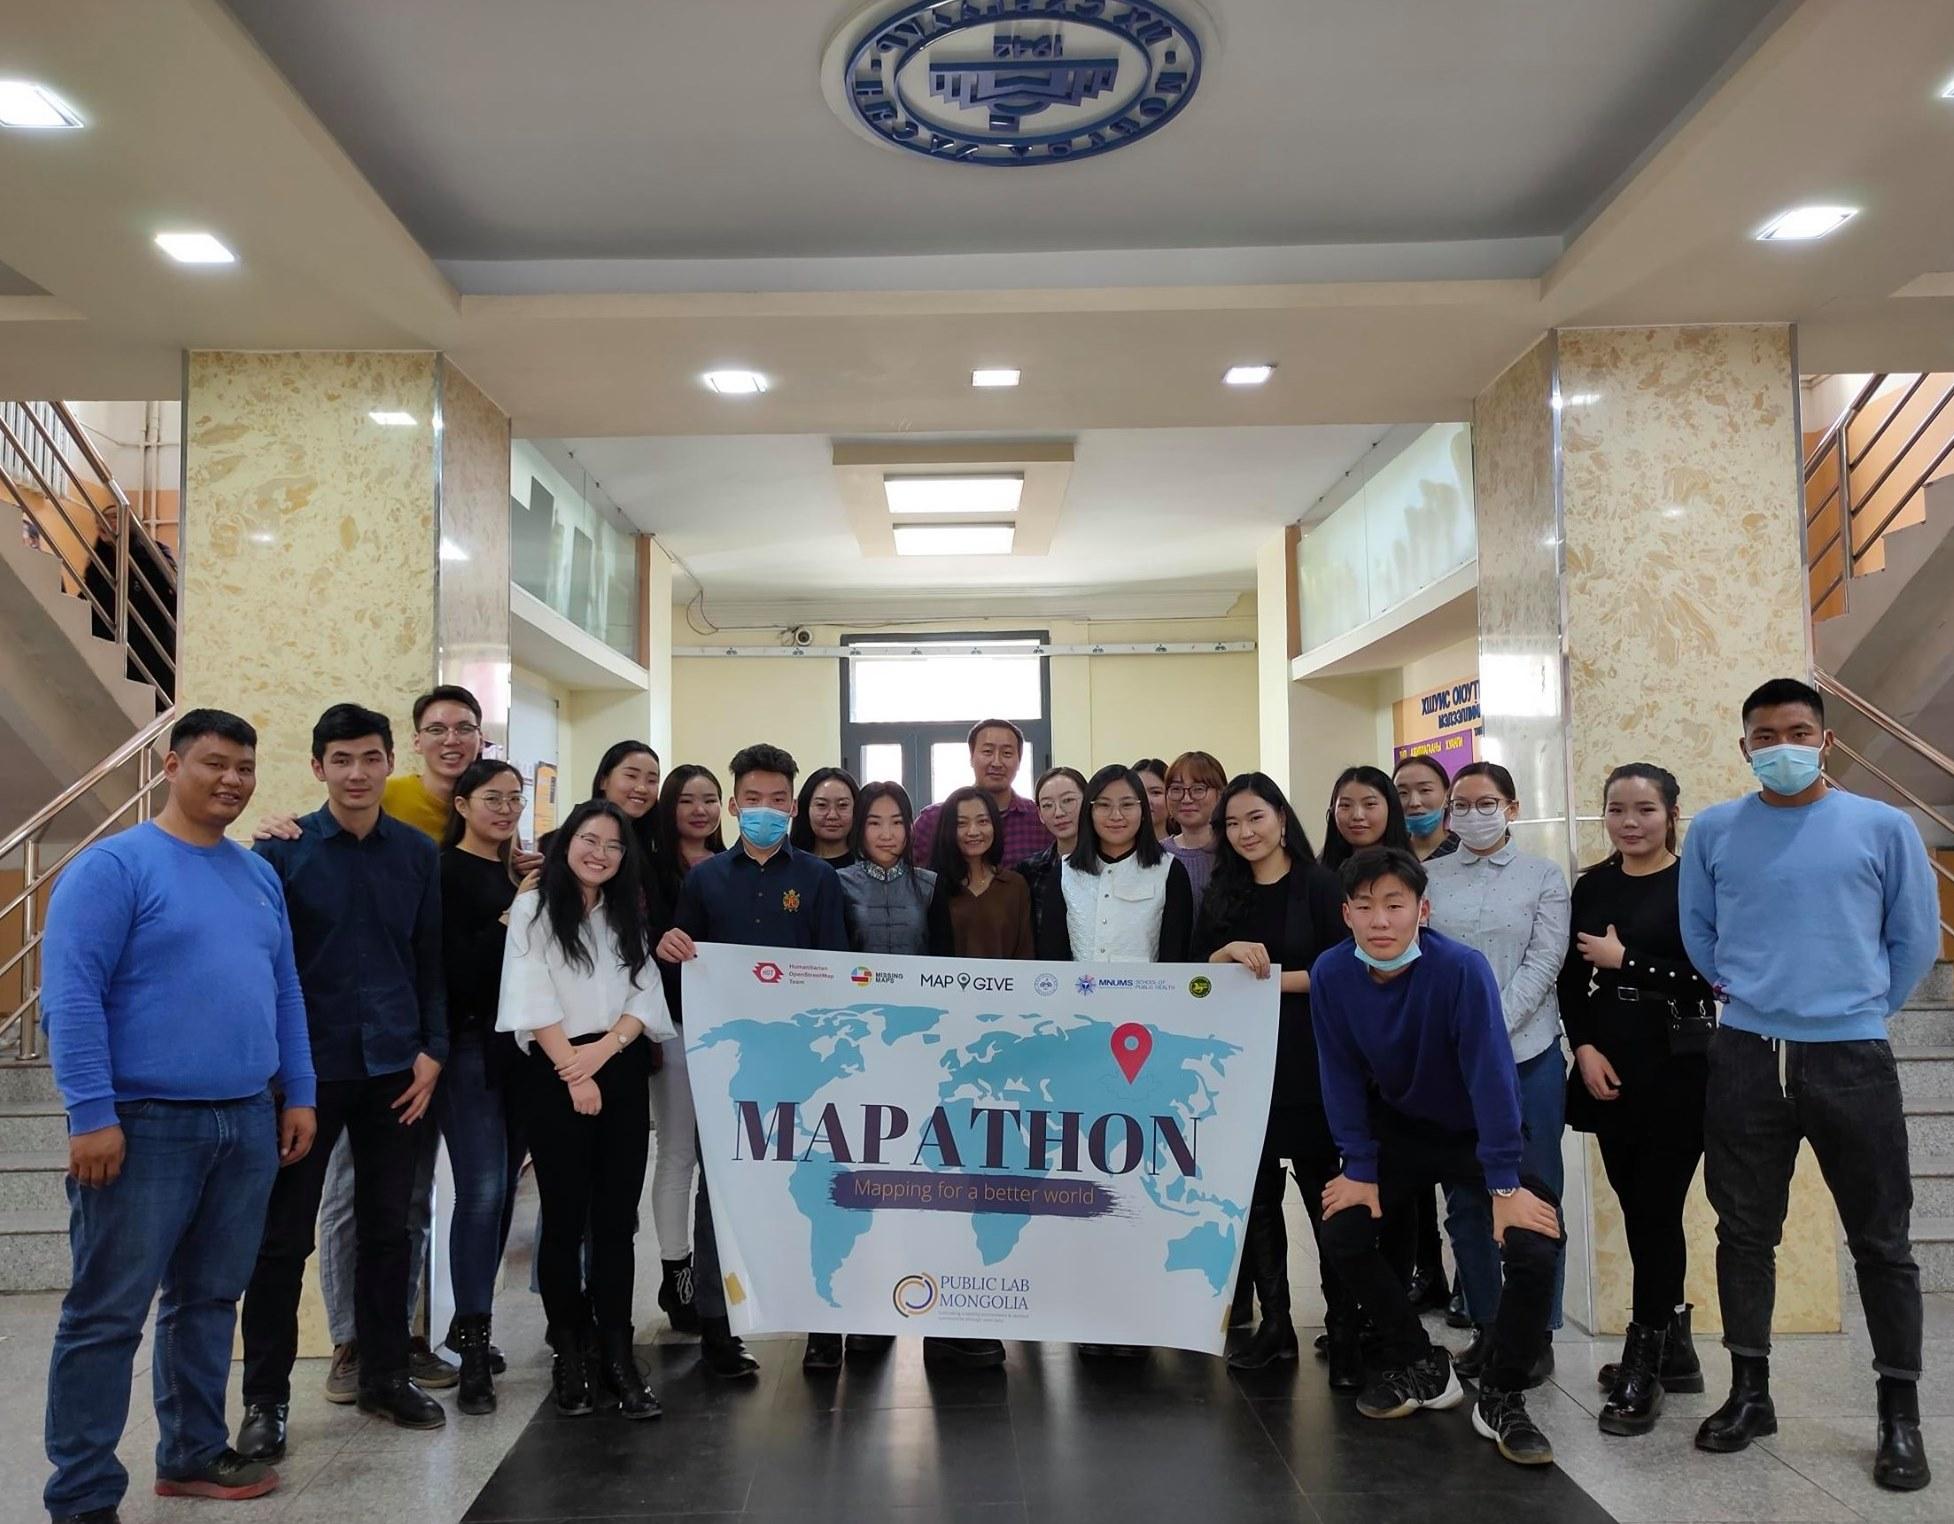 Mapathon